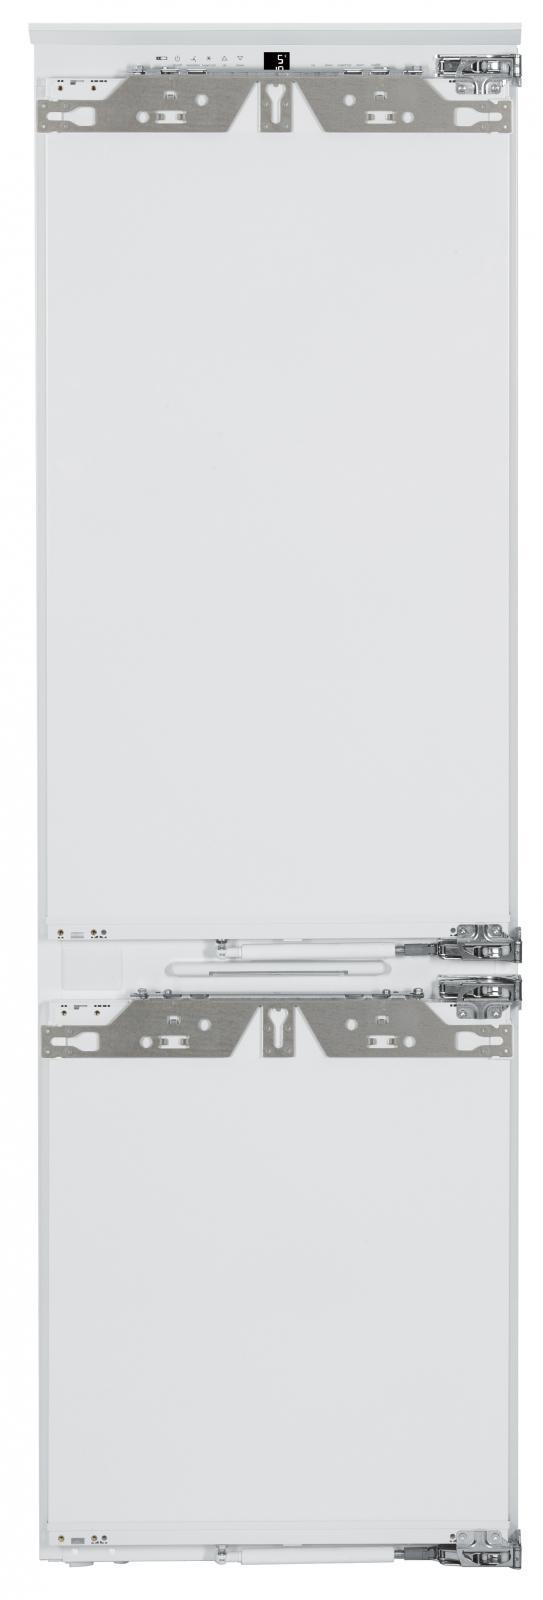 купить Встраиваемый двухкамерный холодильник Liebherr ICN 3376 Украина фото 3